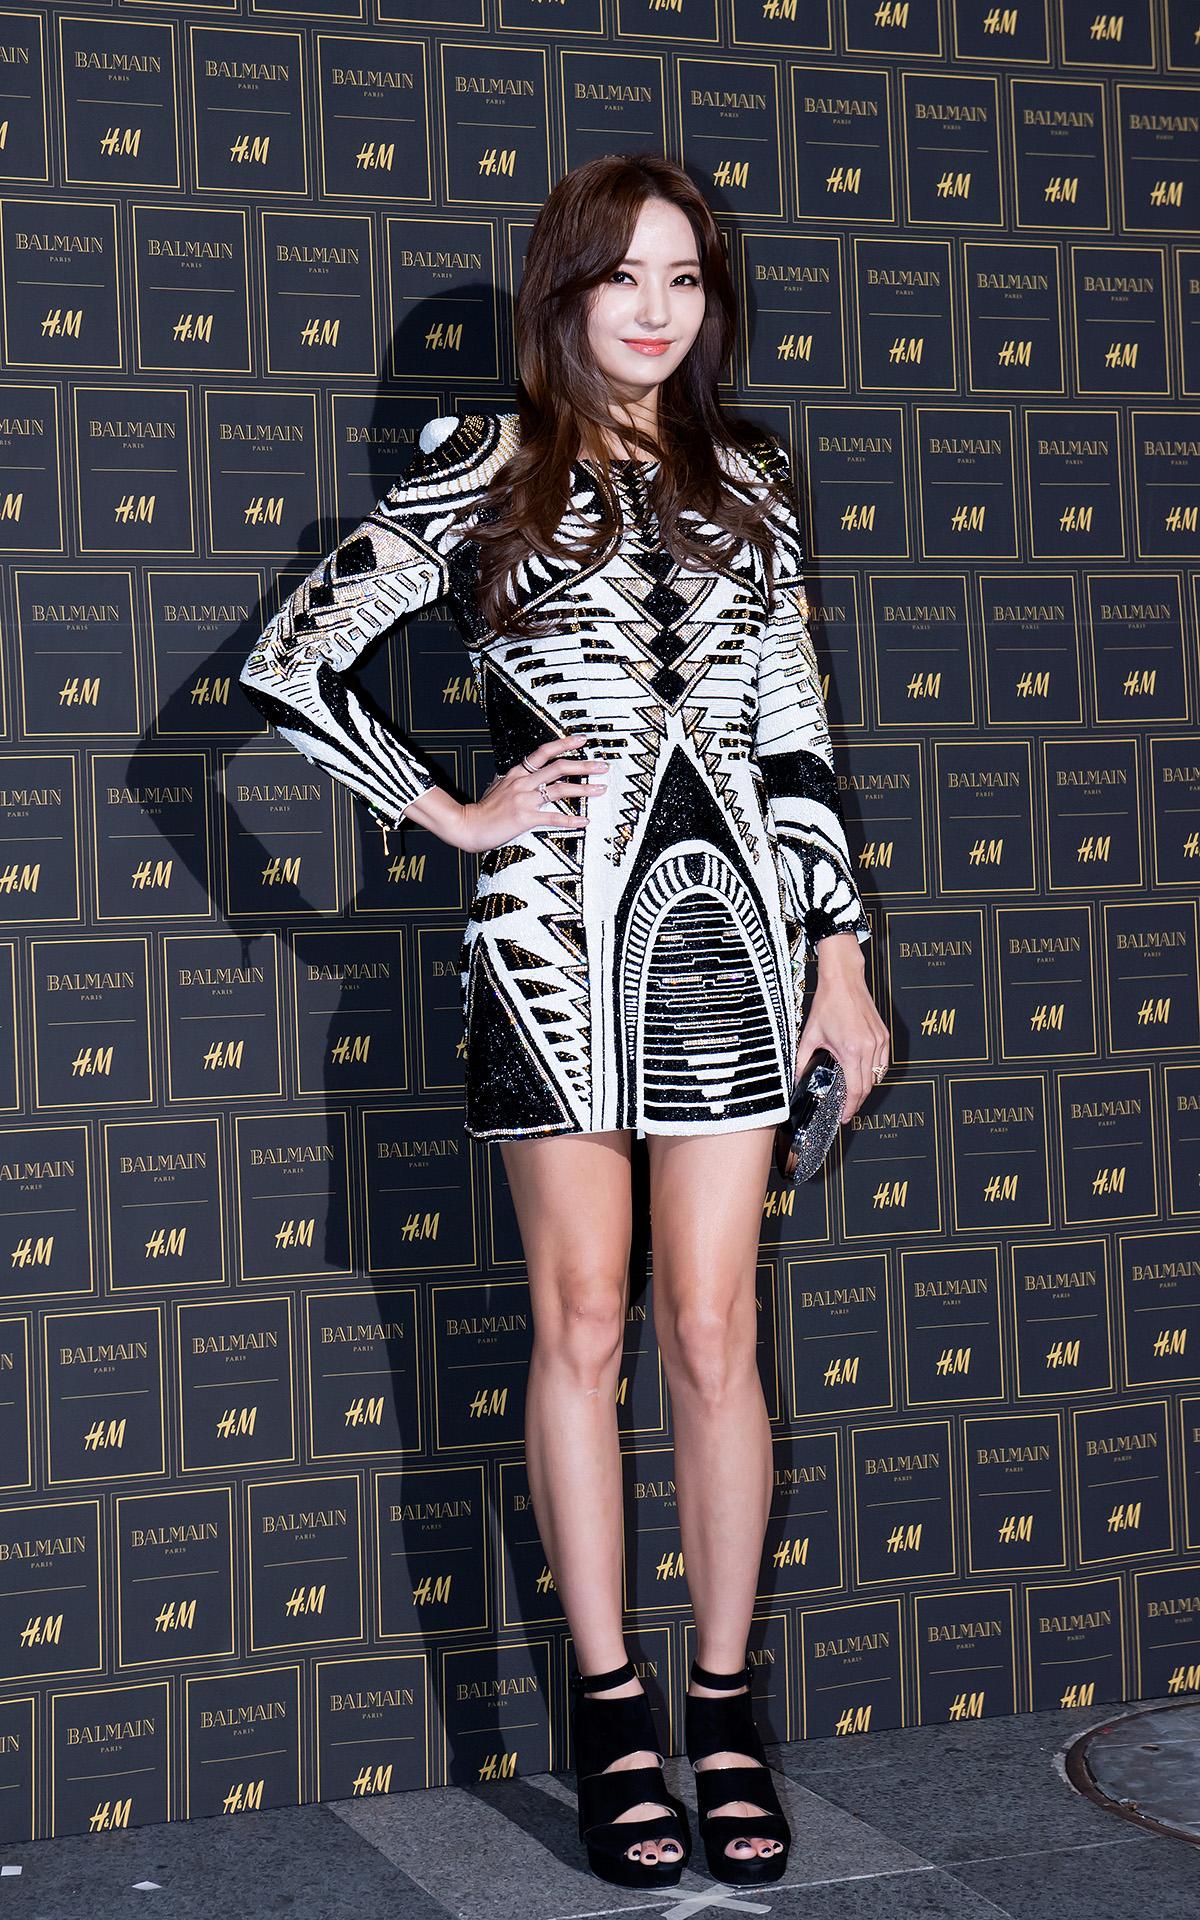 韓彩英身上這套皮革洋裝,不覺得超適合2NE1嗎?XD